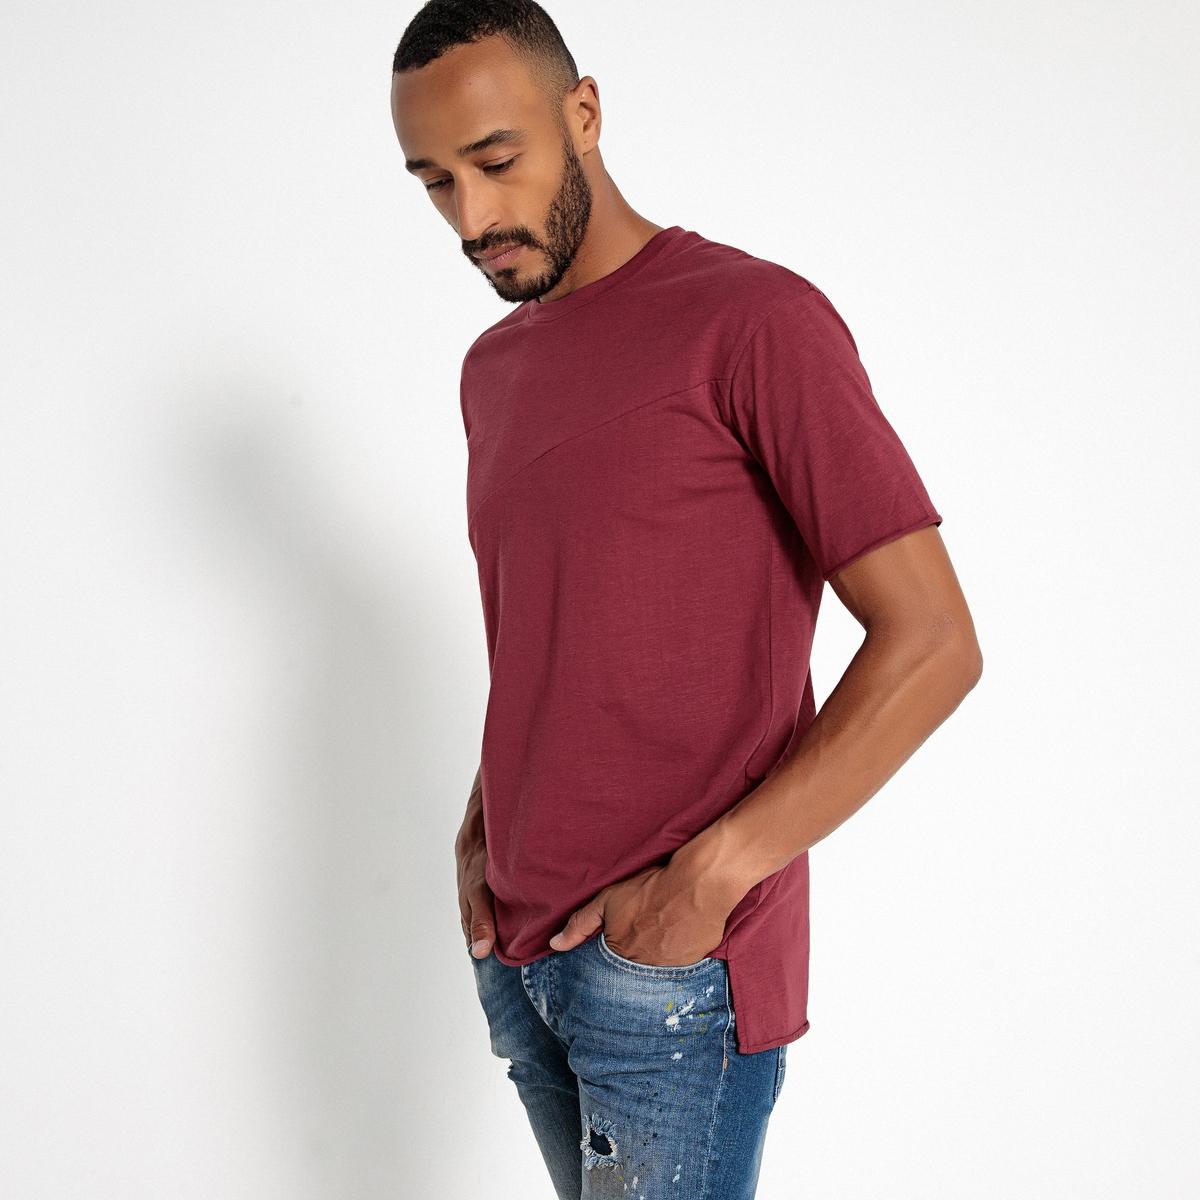 T-shirt de corte largo, gola redonda e mangas curtas